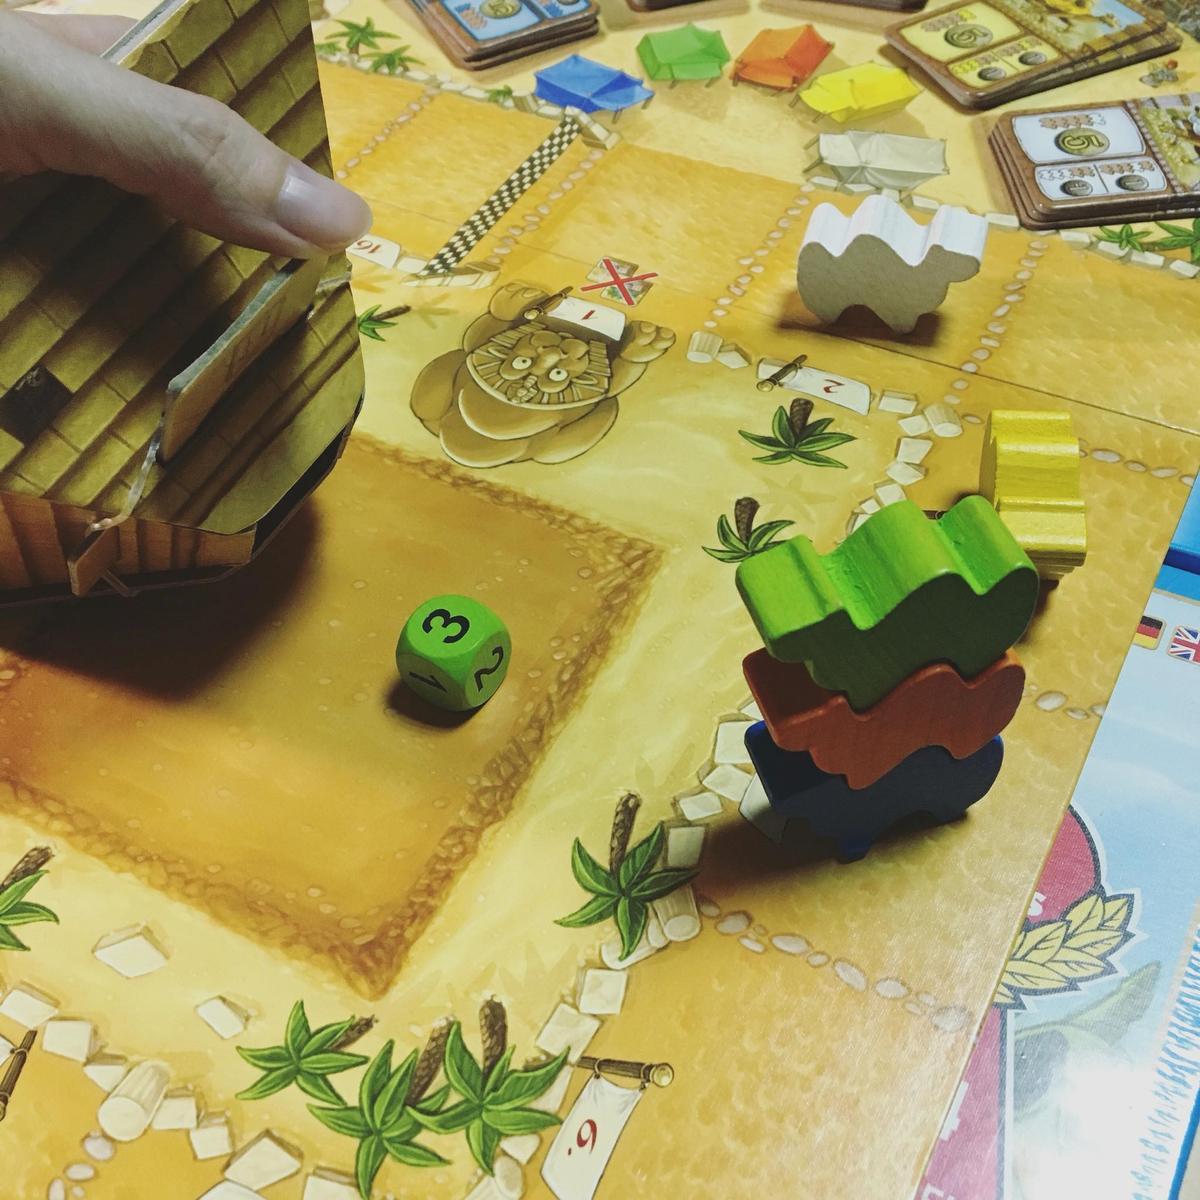 使用金字塔骰塔的方法:將金字塔倒放,沿箭頭方向推一下機關讓骰子掉出來。